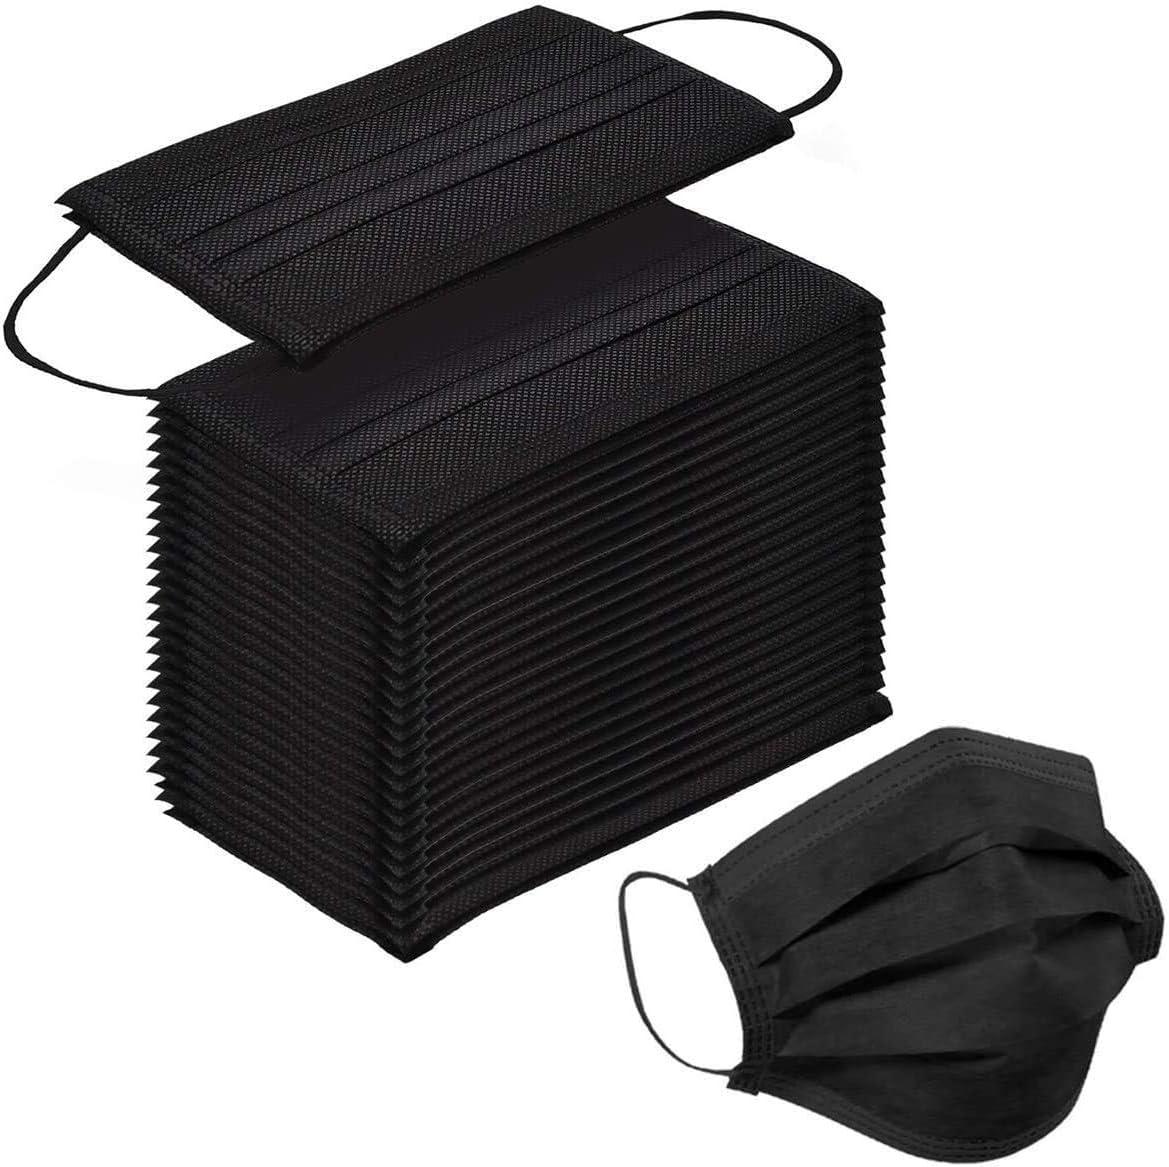 Calculatrice 50 unidades, hipoalergénicas, protectoras, recomendadas para hombres y mujeres, color negro.